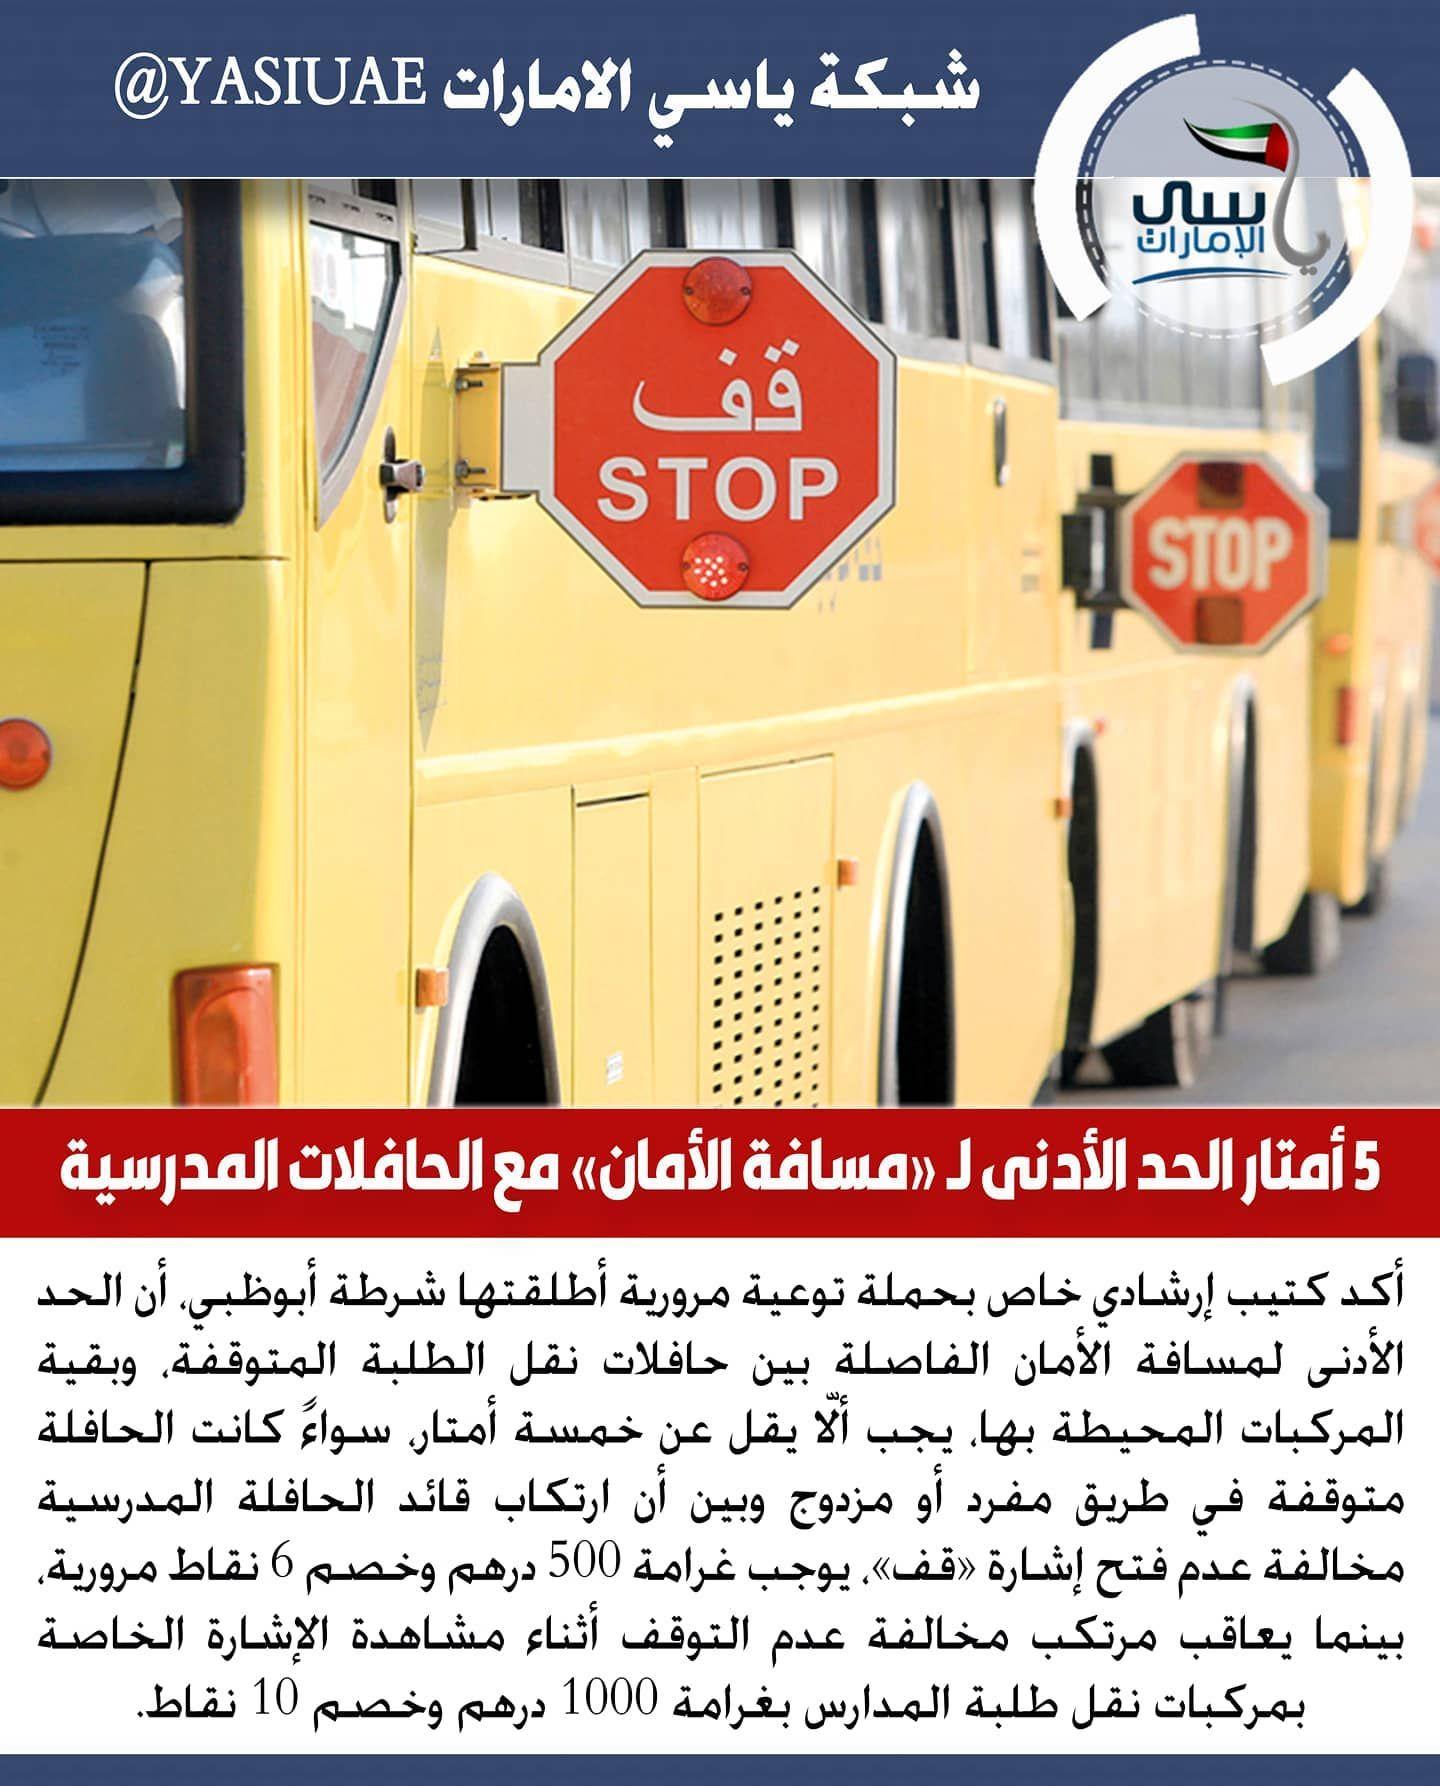 شرطة أبوظبي 5 أمتار الحد الأدنى لـ مسافة الأمان مع الحافلات المدرسية Adpolicehq ياسي الامارات شبكة ياسي الامارات شبكة ياسي الامارات الاخبا Bus Vehicles